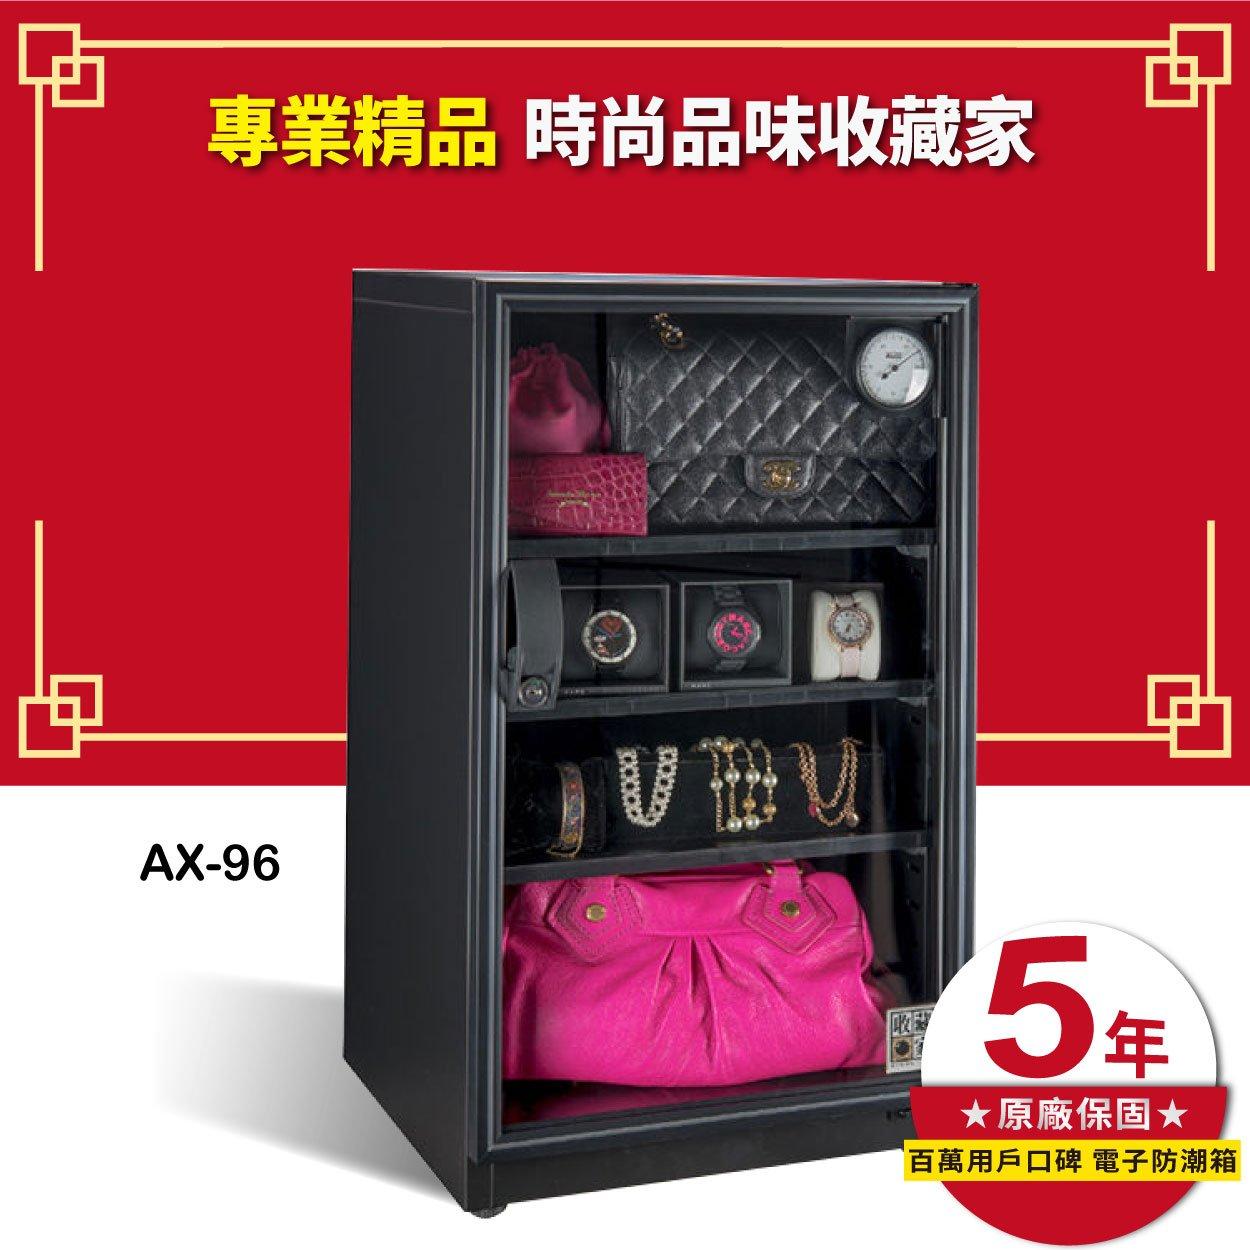 【防潮 品牌】收藏家 AX-96 大型除濕主機 型電子防潮箱(93公升) 相機鏡頭 衣鞋包 食品樂器 儀器設備